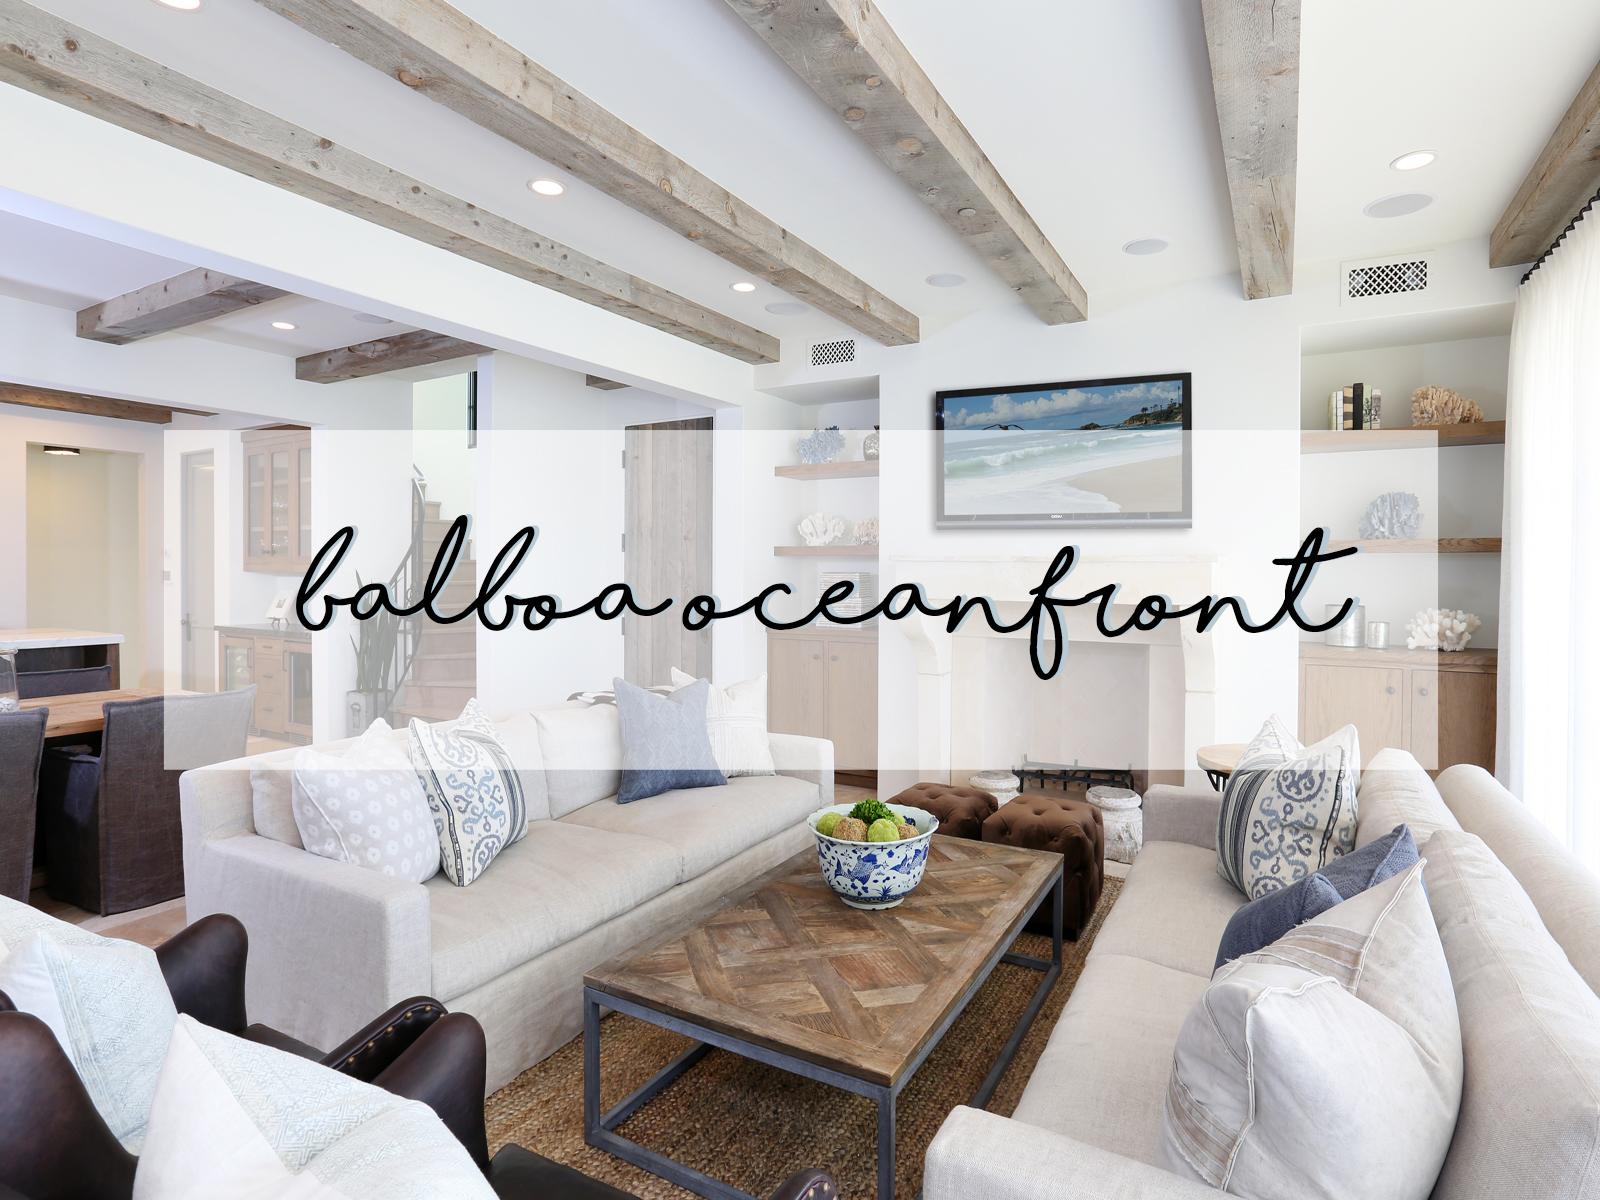 blackband_design_balboa_oceanfront-1